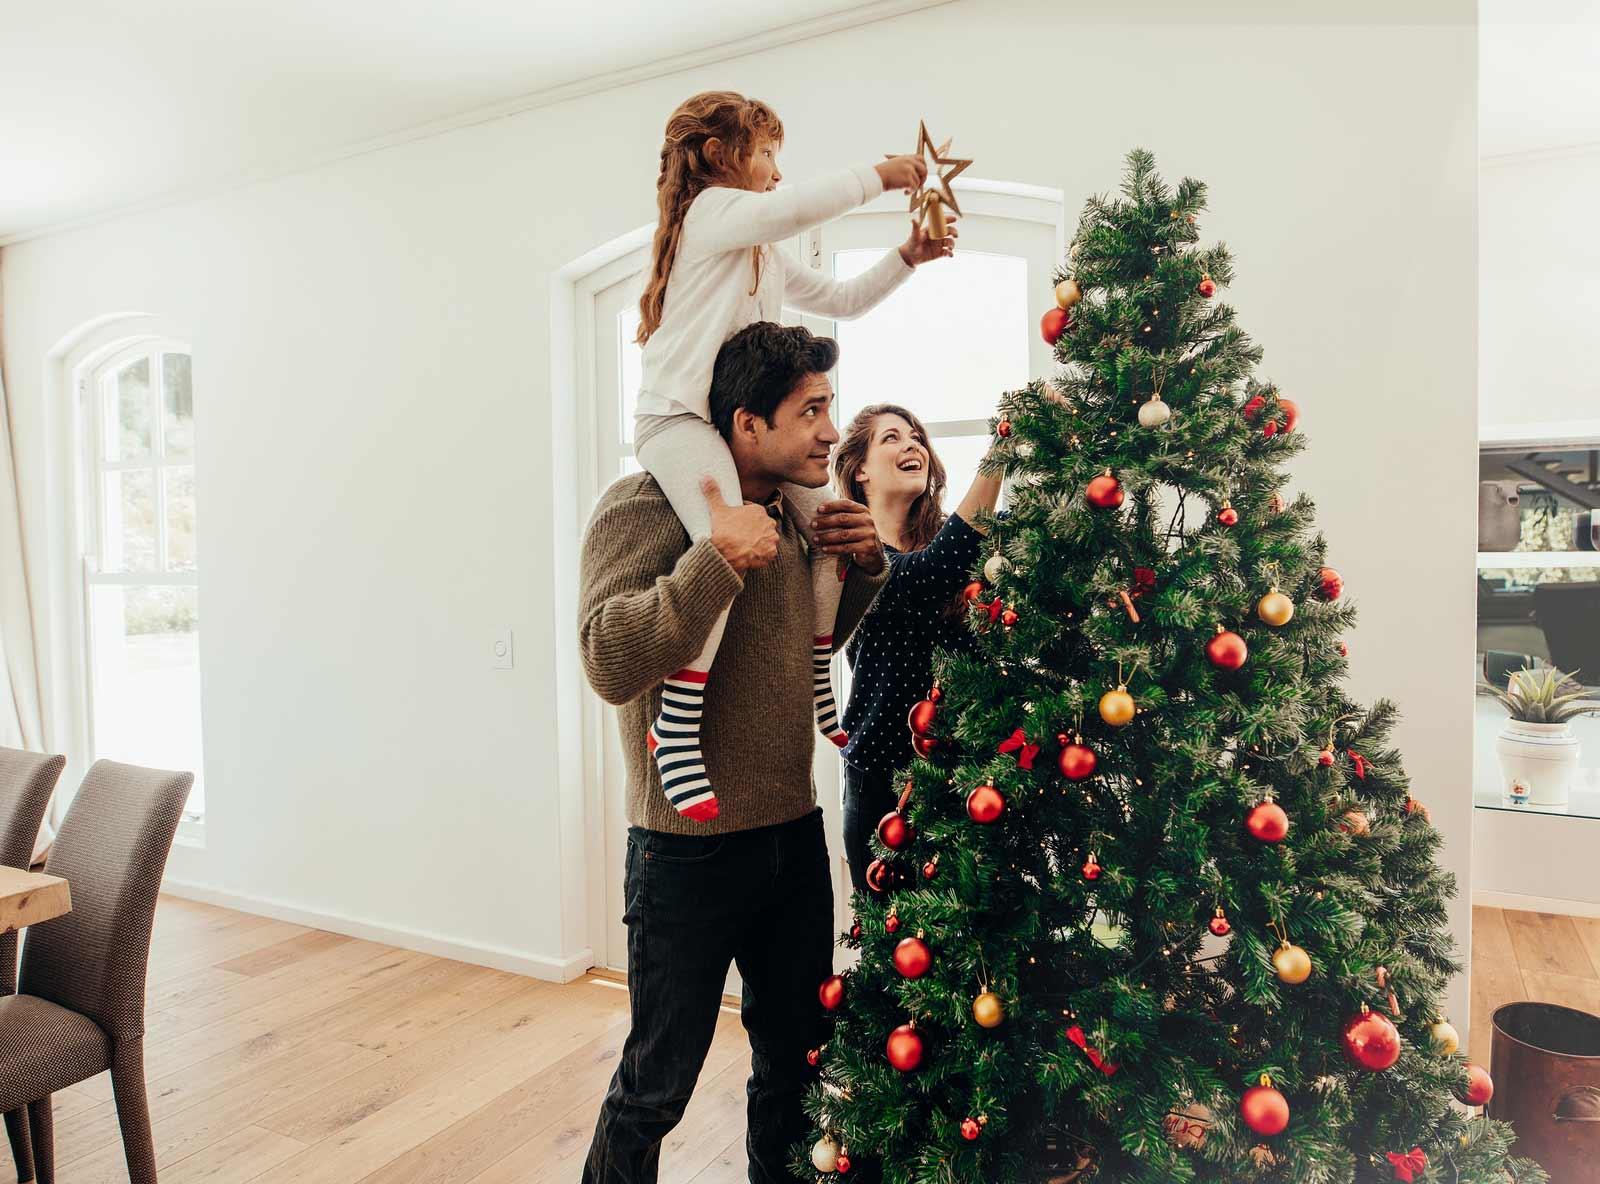 Une famille prépare son arbre de Noël pour les vacances des fêtes.